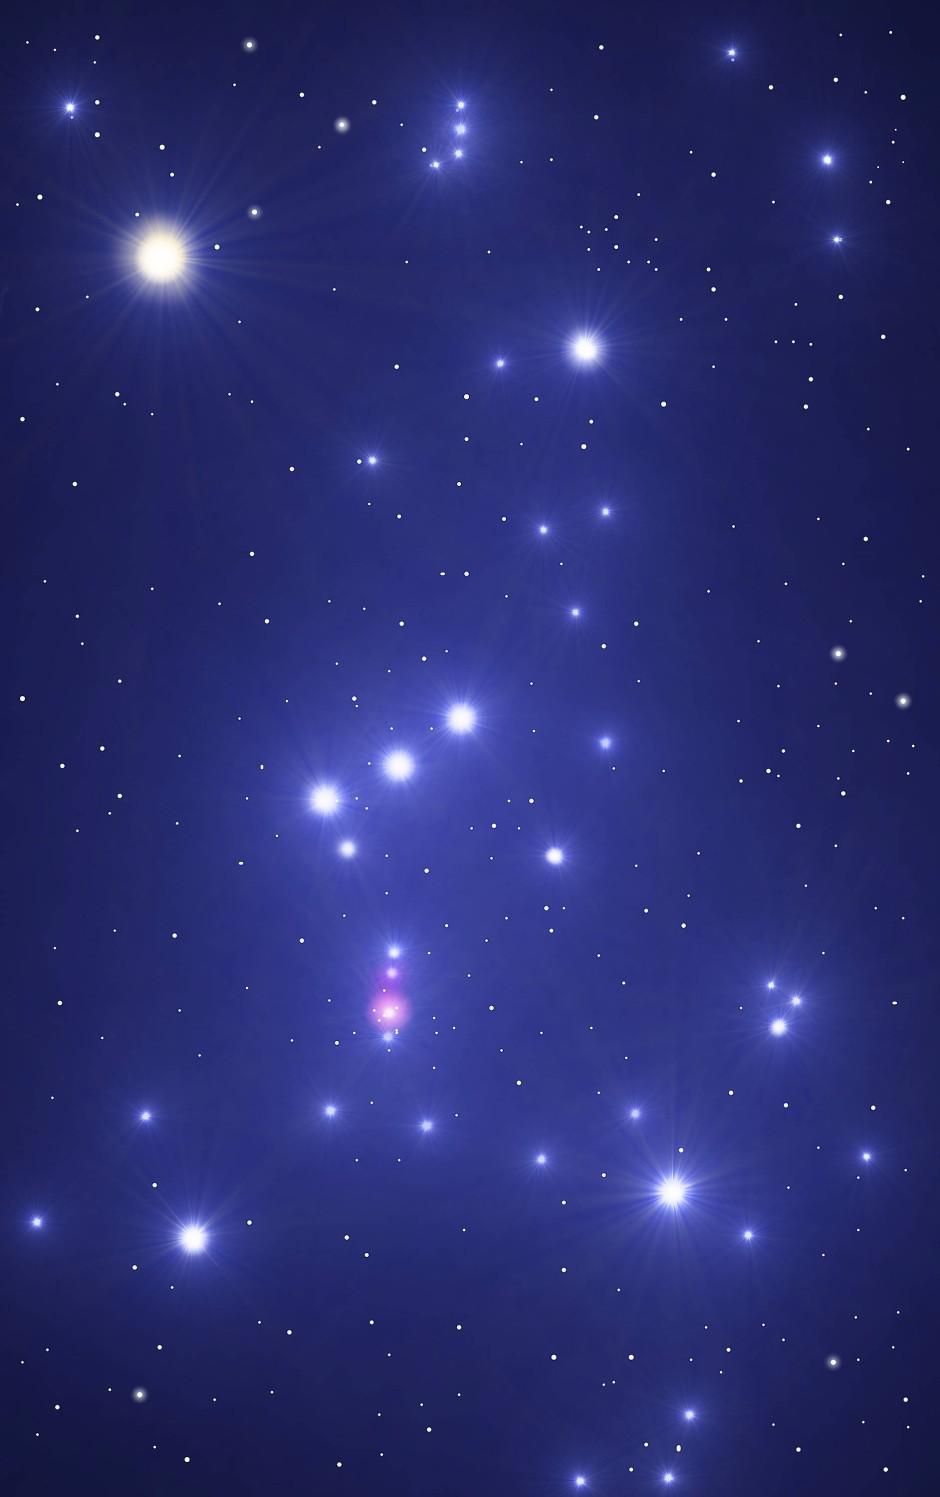 Das Sternbild Orion - Schauplatz der nächsten Supernova?